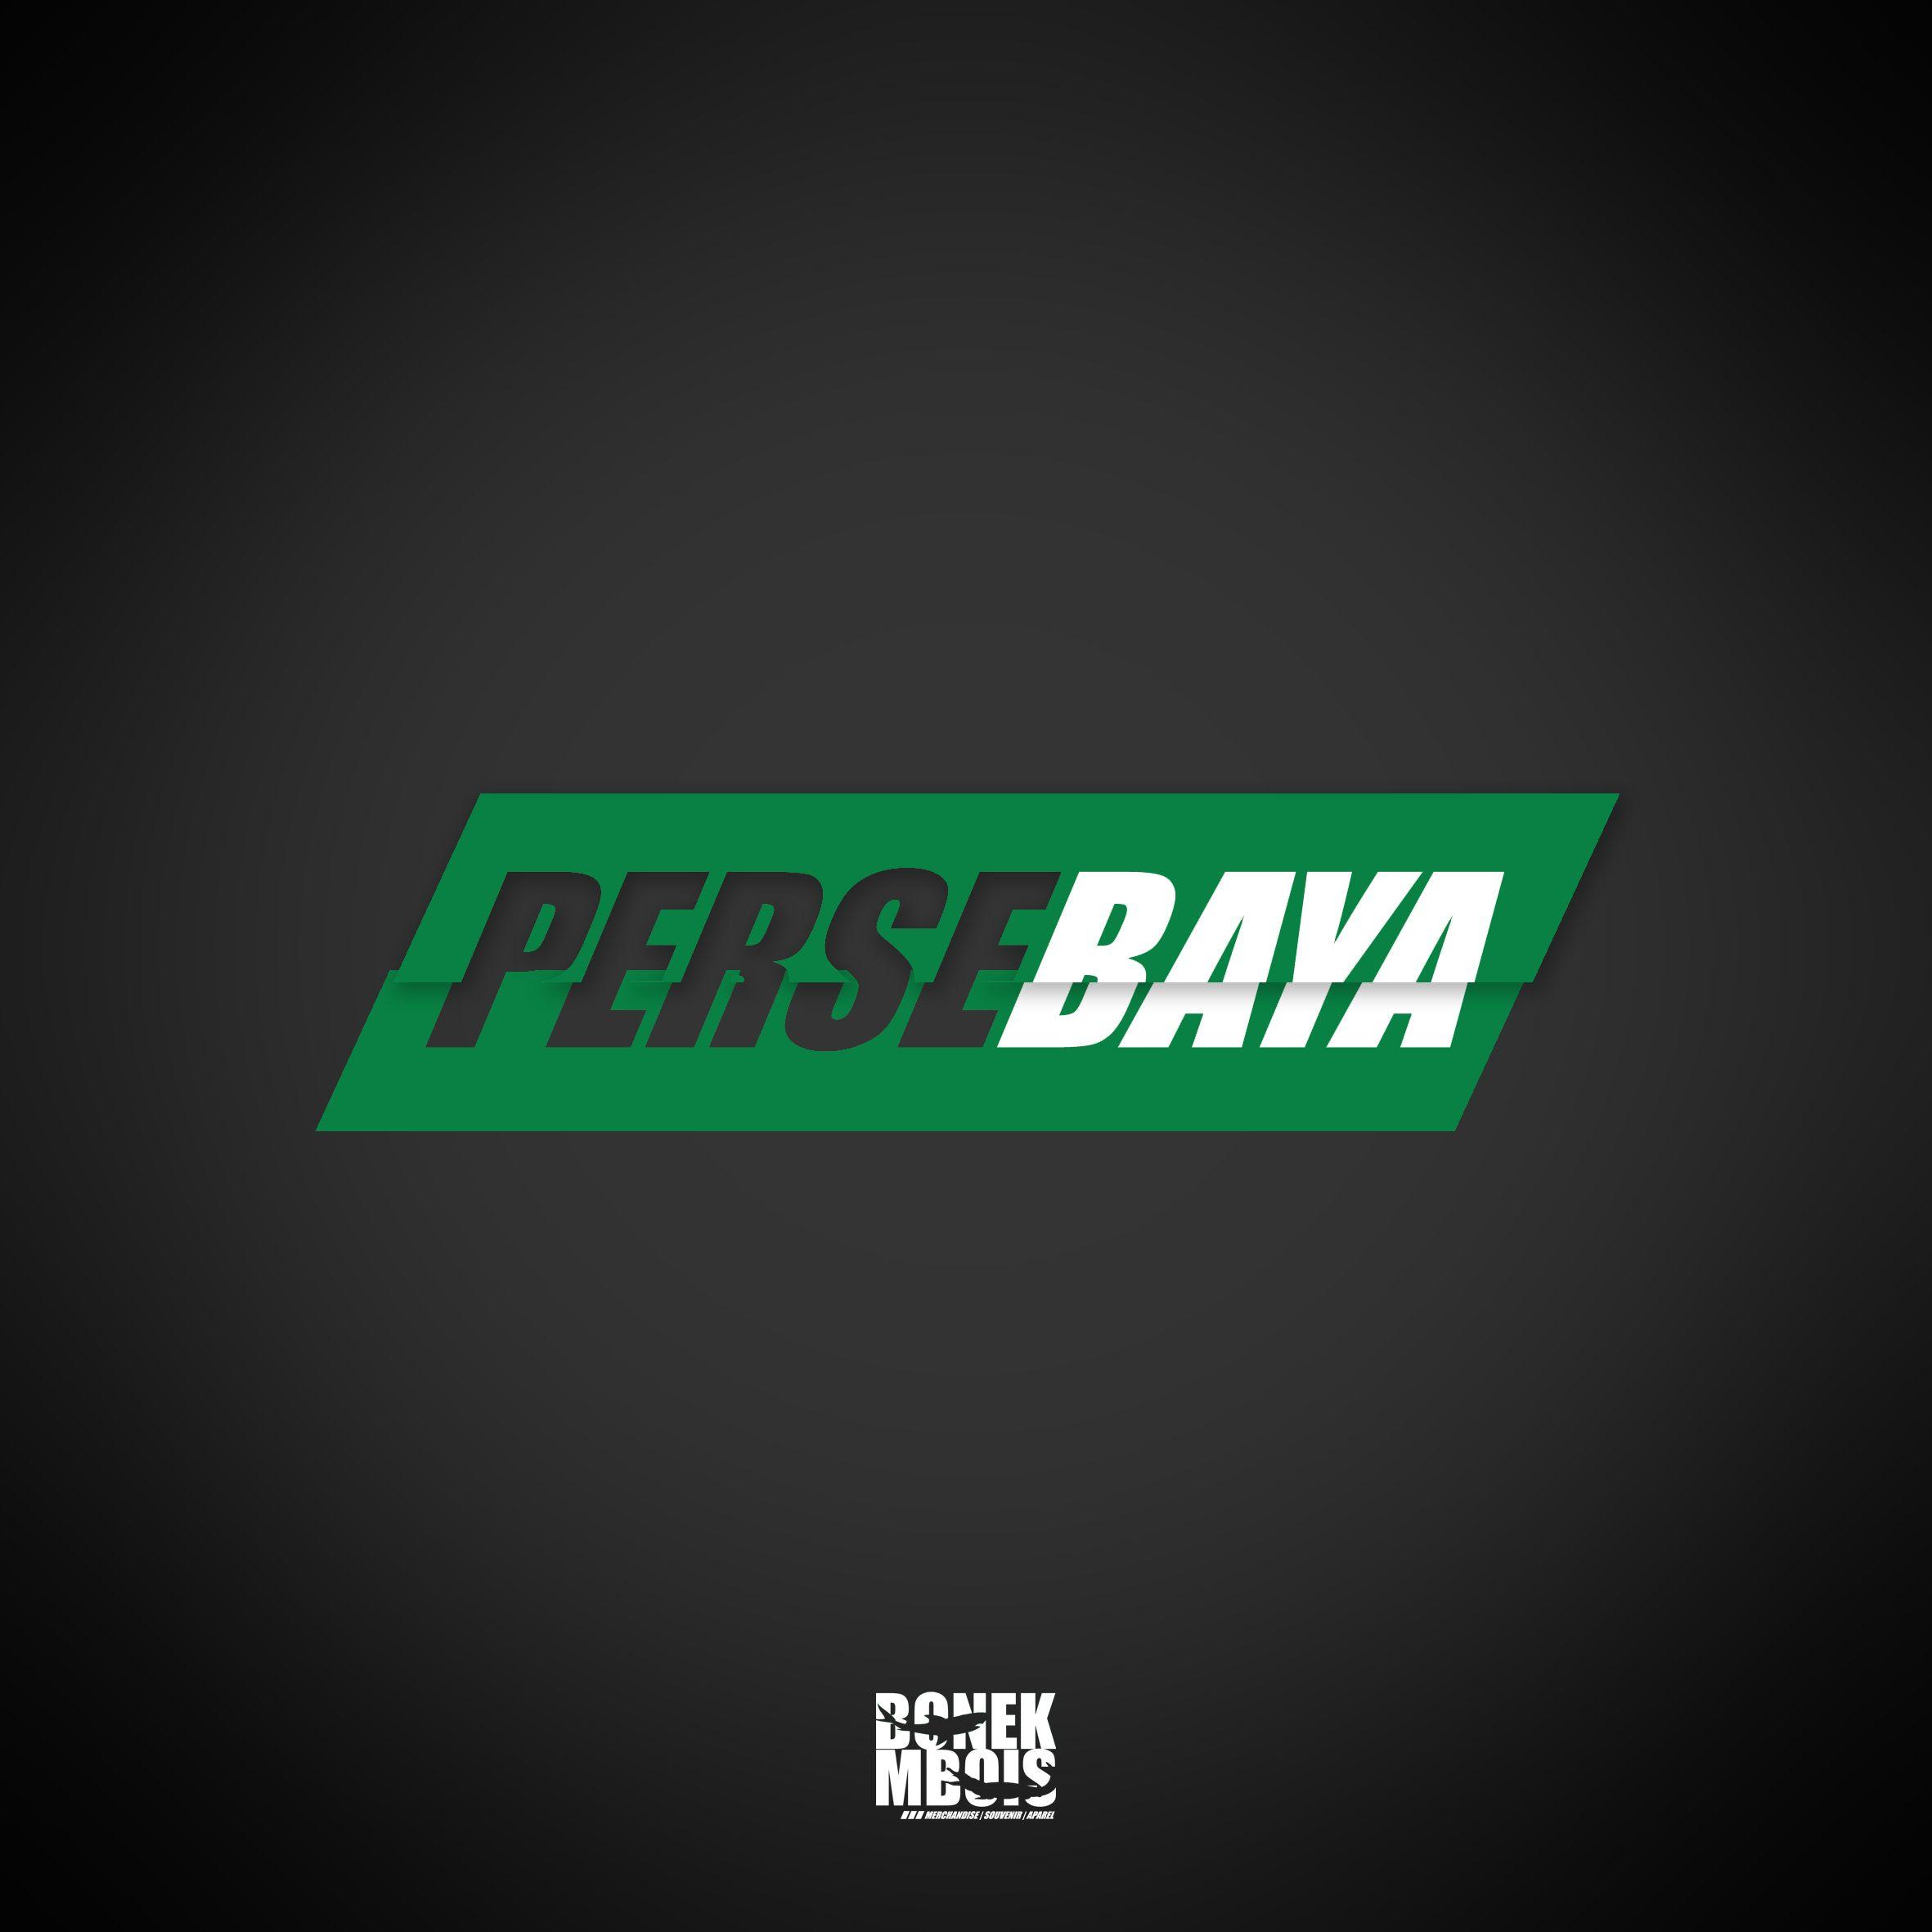 Pin Oleh Nurul Izha Di Persebaya Day Desain Tipografi Tipografi Fotografi Remaja